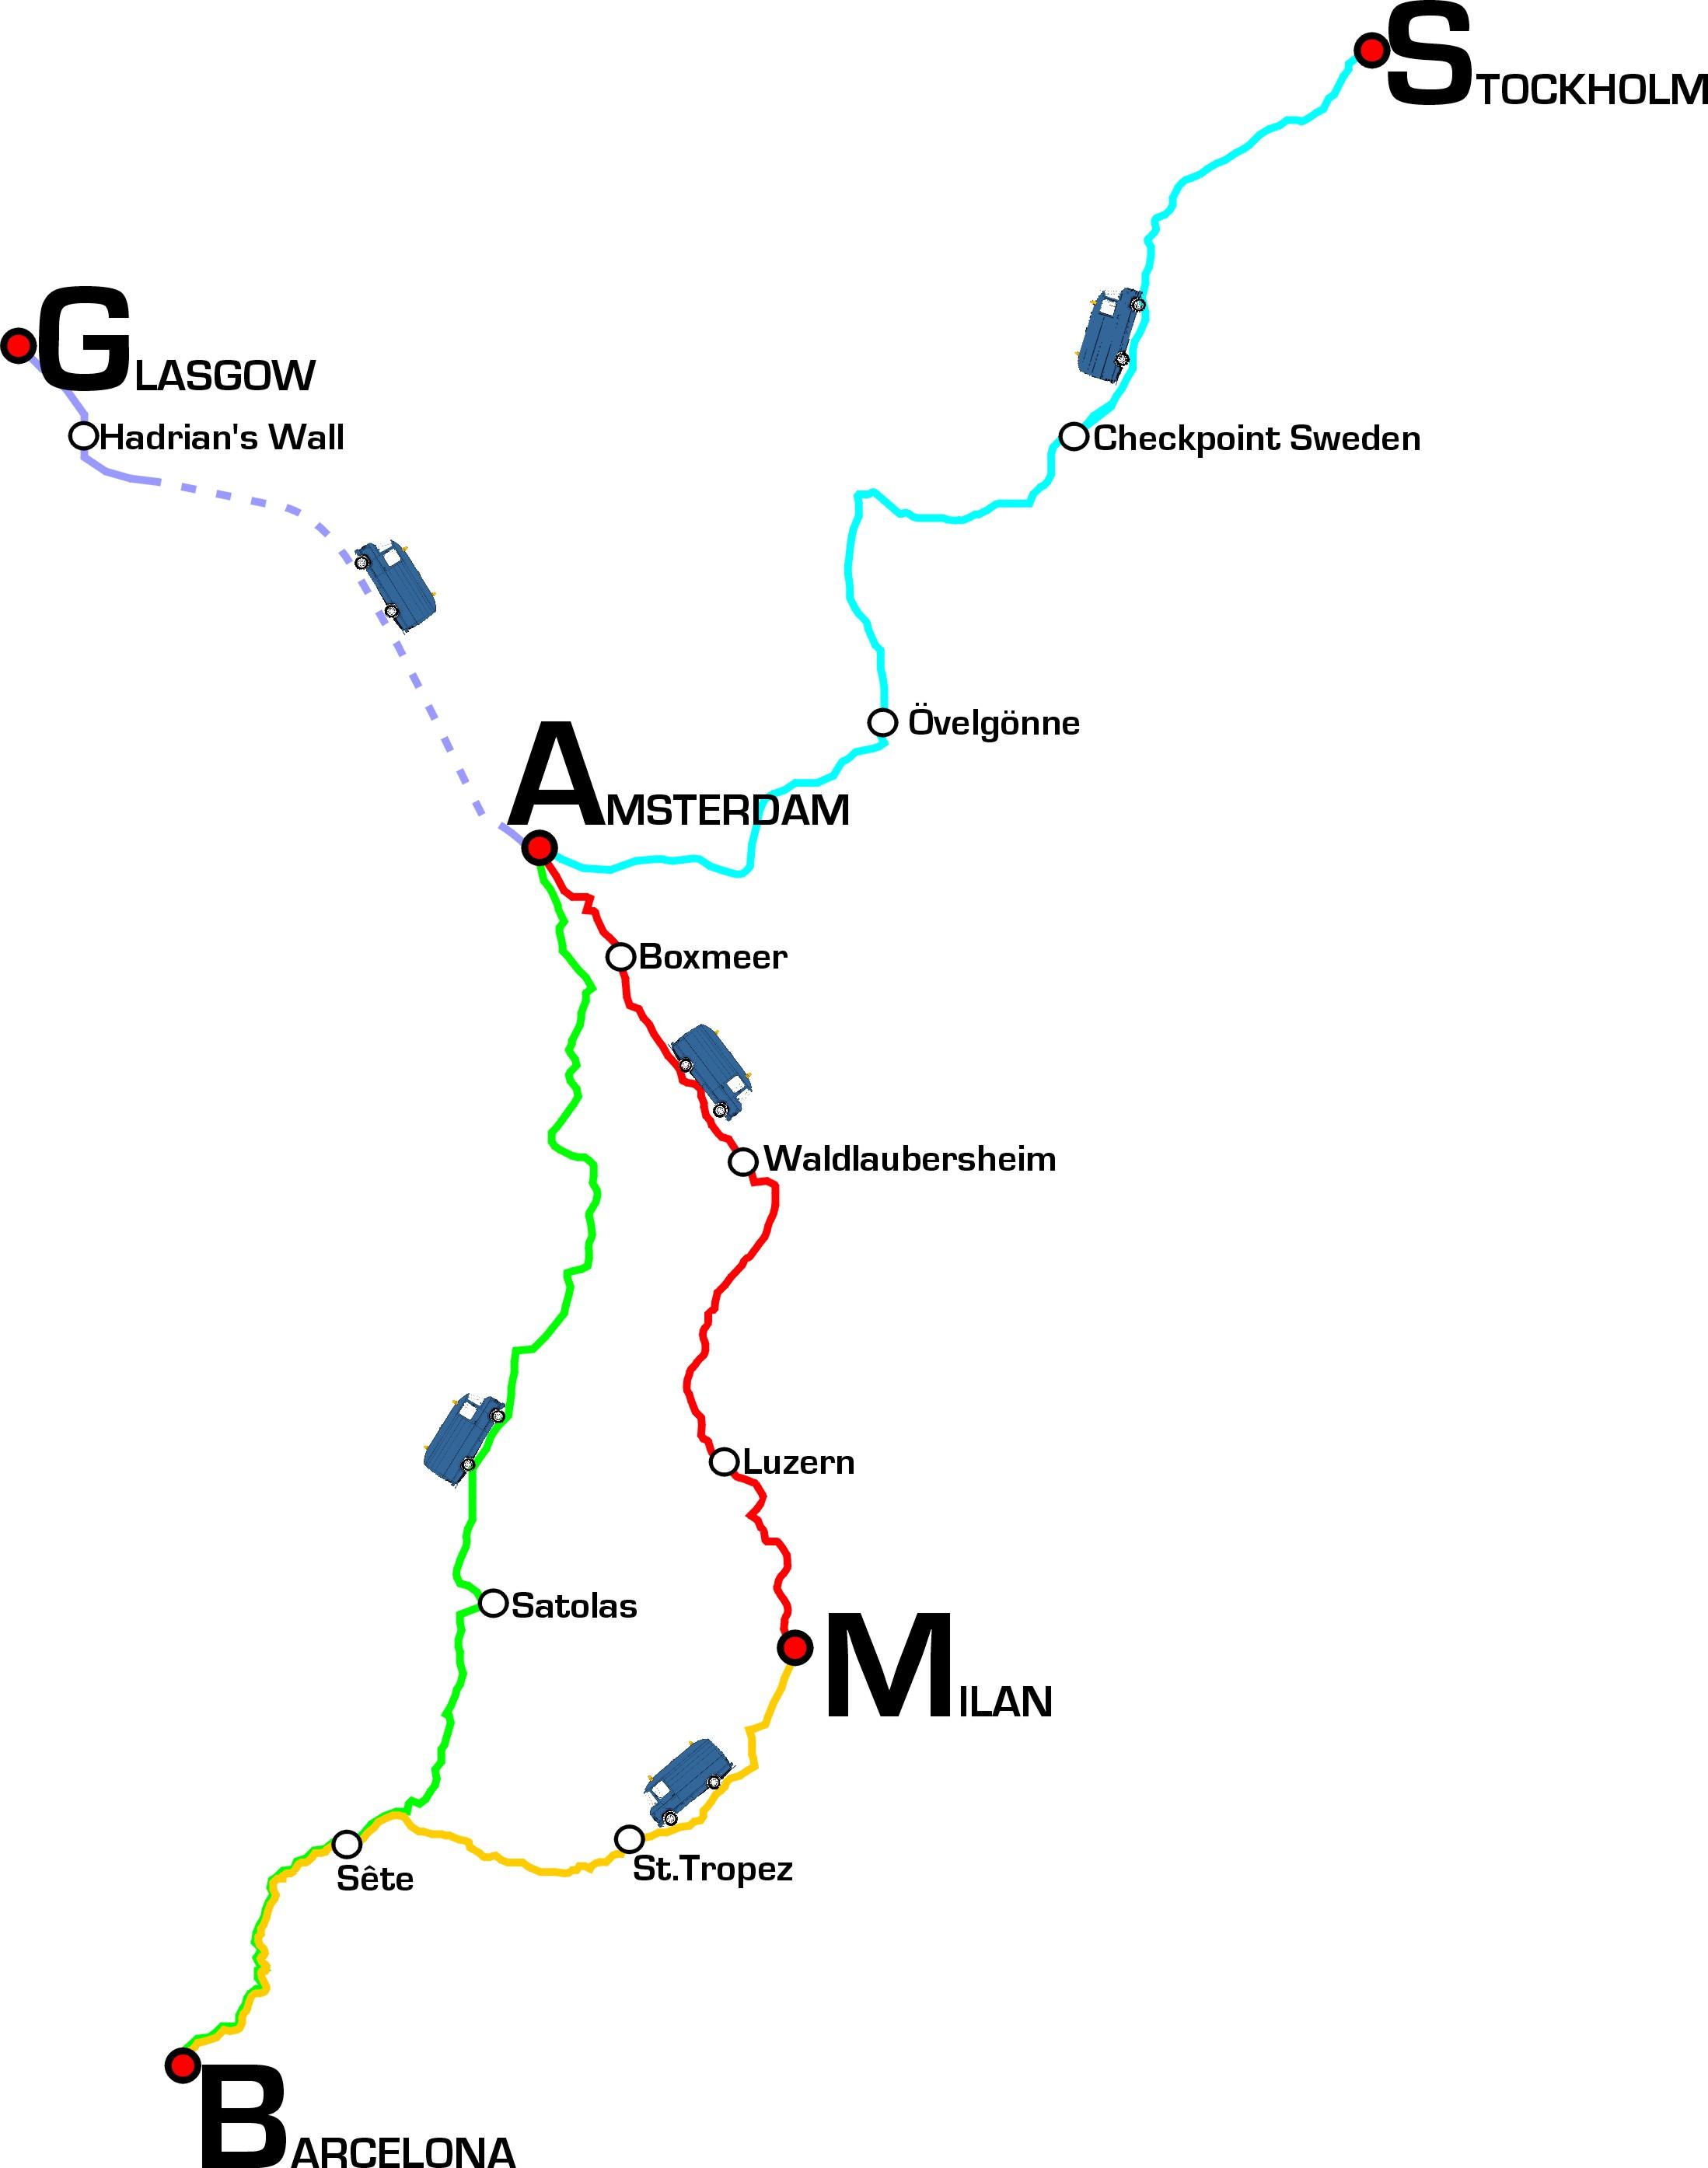 De route die wij in 1998 aflegde met onze MUST-bus